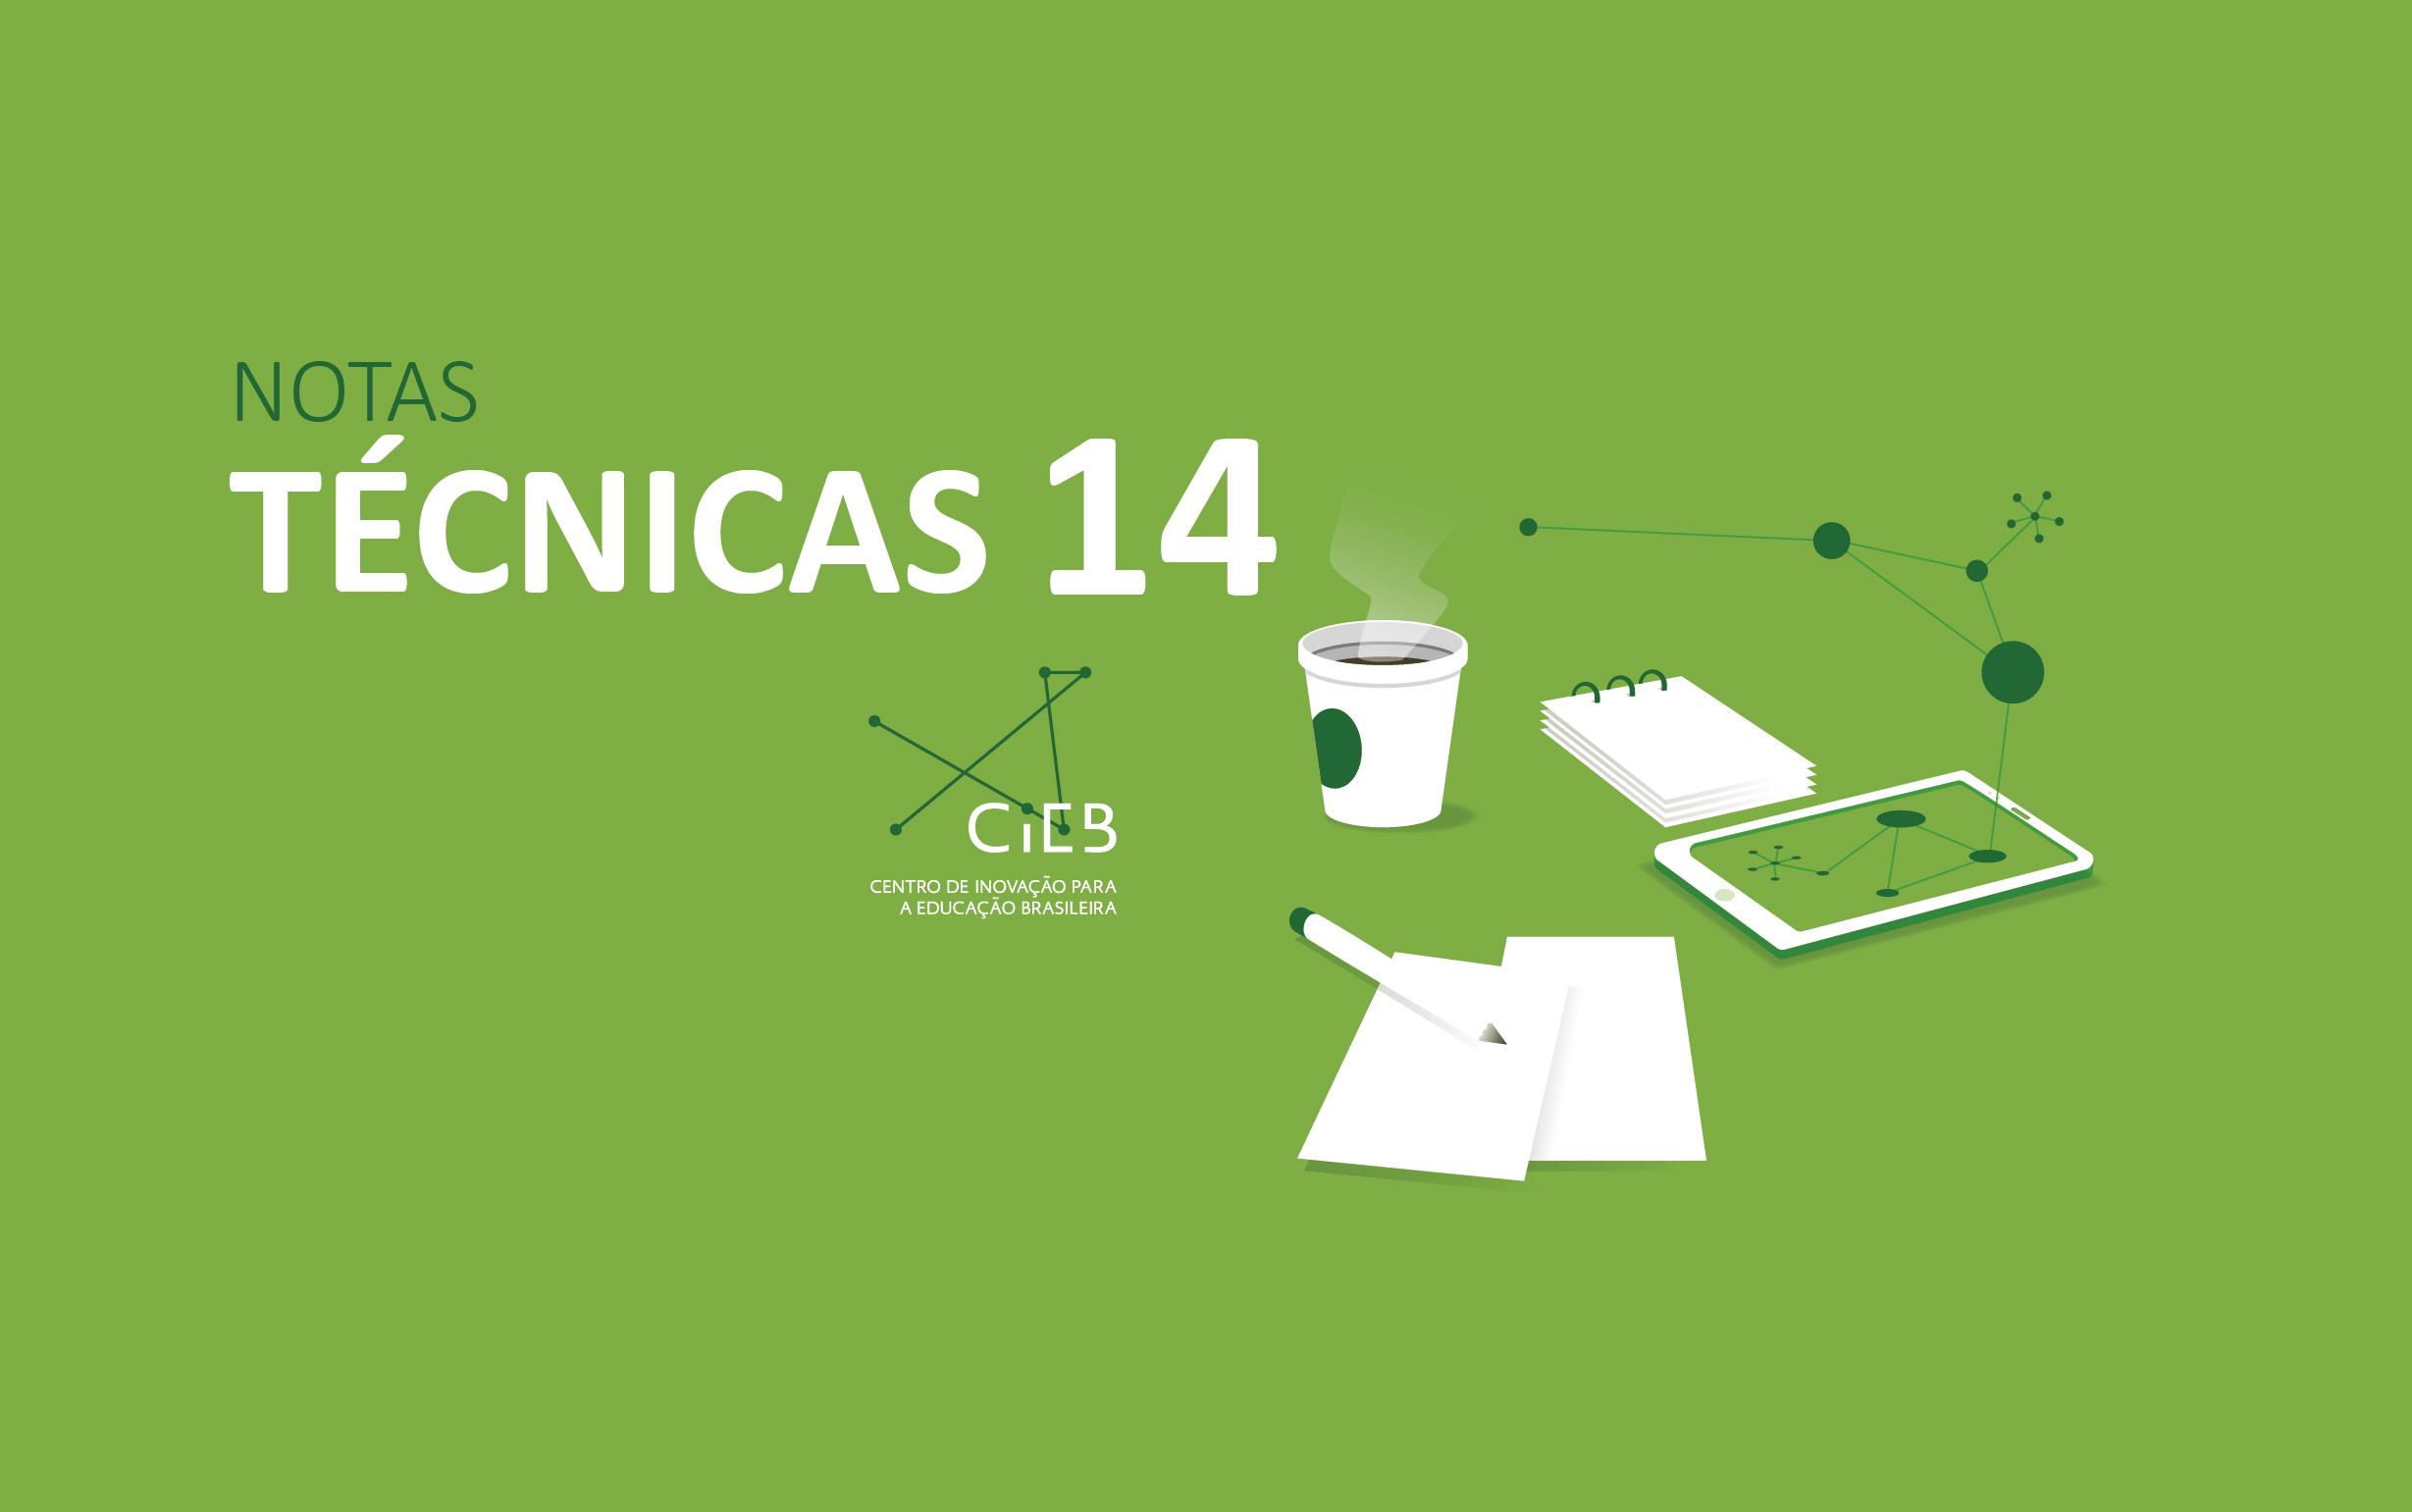 Análise e contribuições para a proposta da BNCC-EM com foco em tecnologia e computação